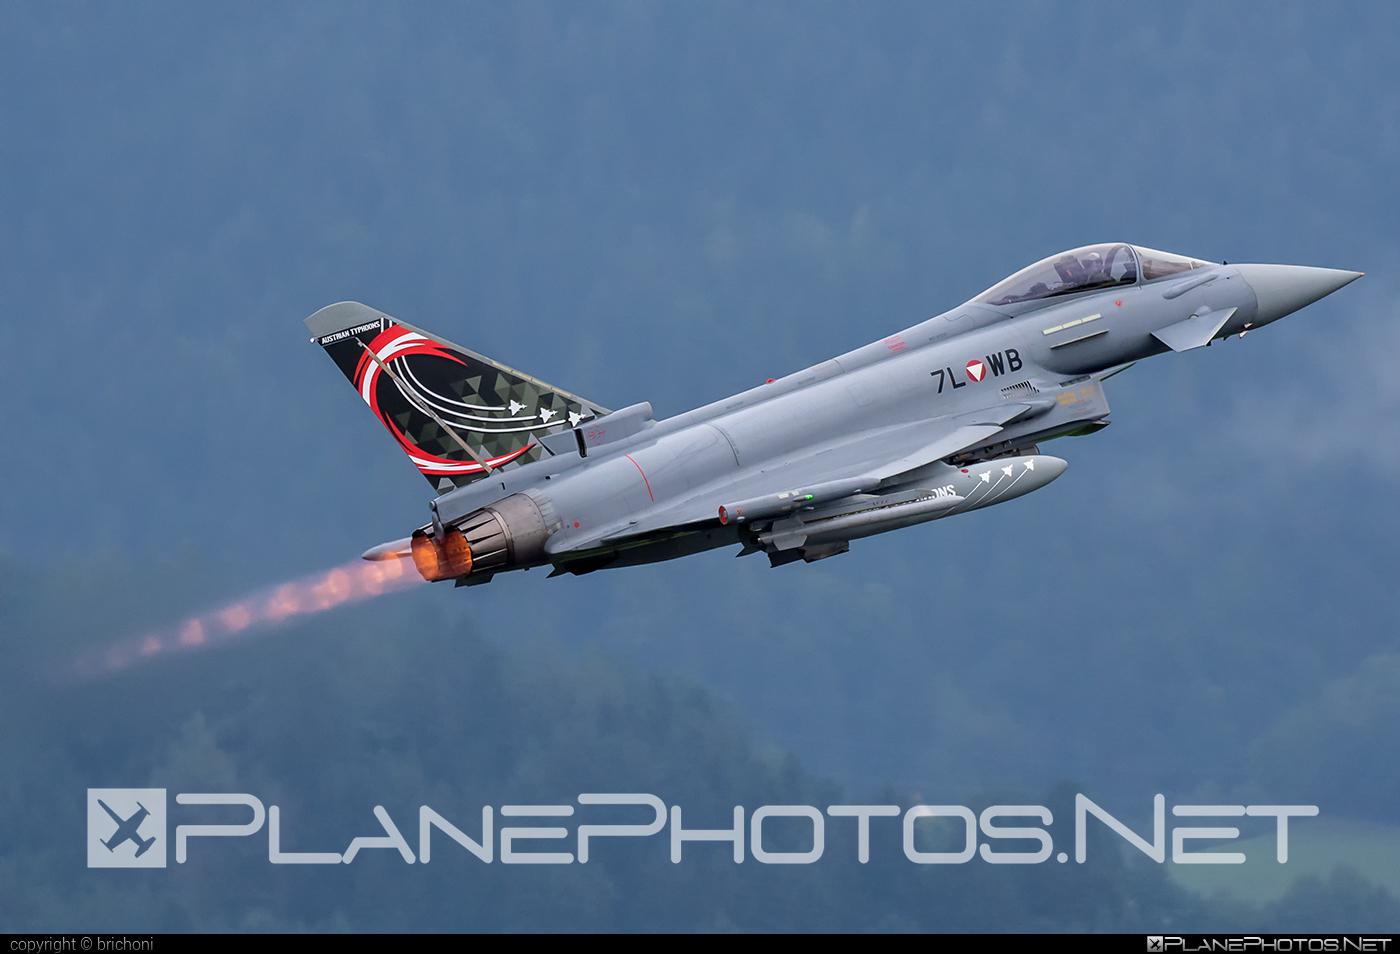 Eurofighter Typhoon S - 7L-WB operated by Österreichische Luftstreitkräfte (Austrian Air Force) #airpower2019 #austrianairforce #eurofighter #typhoon